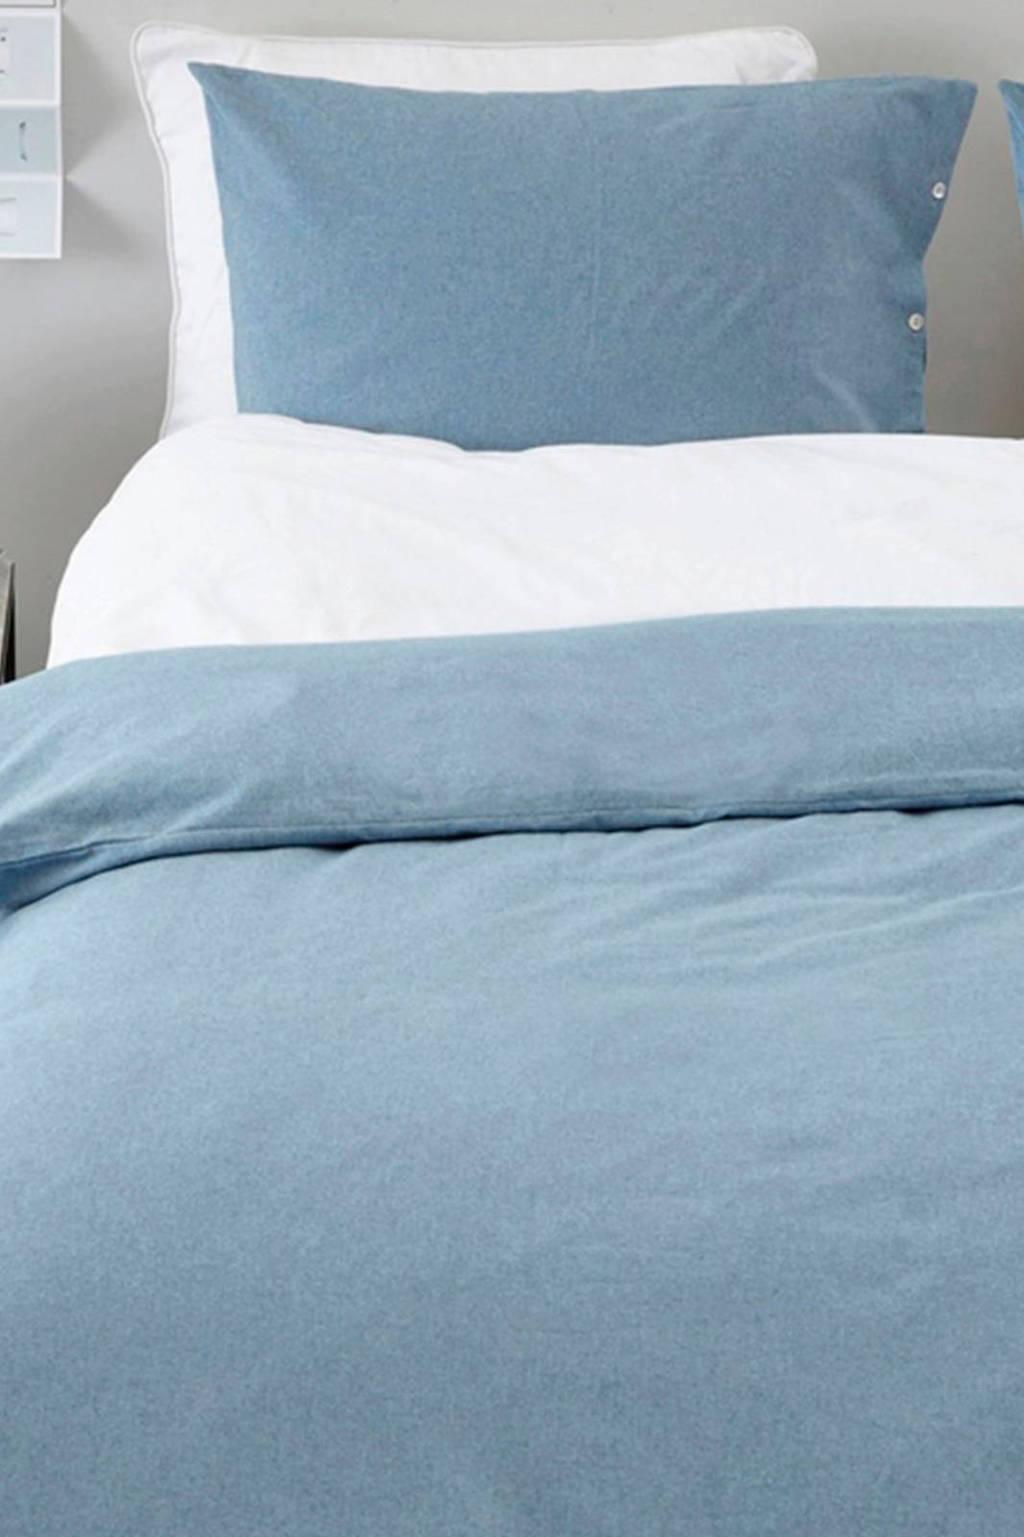 Yumeko flanellen dekbedovertrek 2 persoons, Blauw, 2 persoons (200 cm breed)